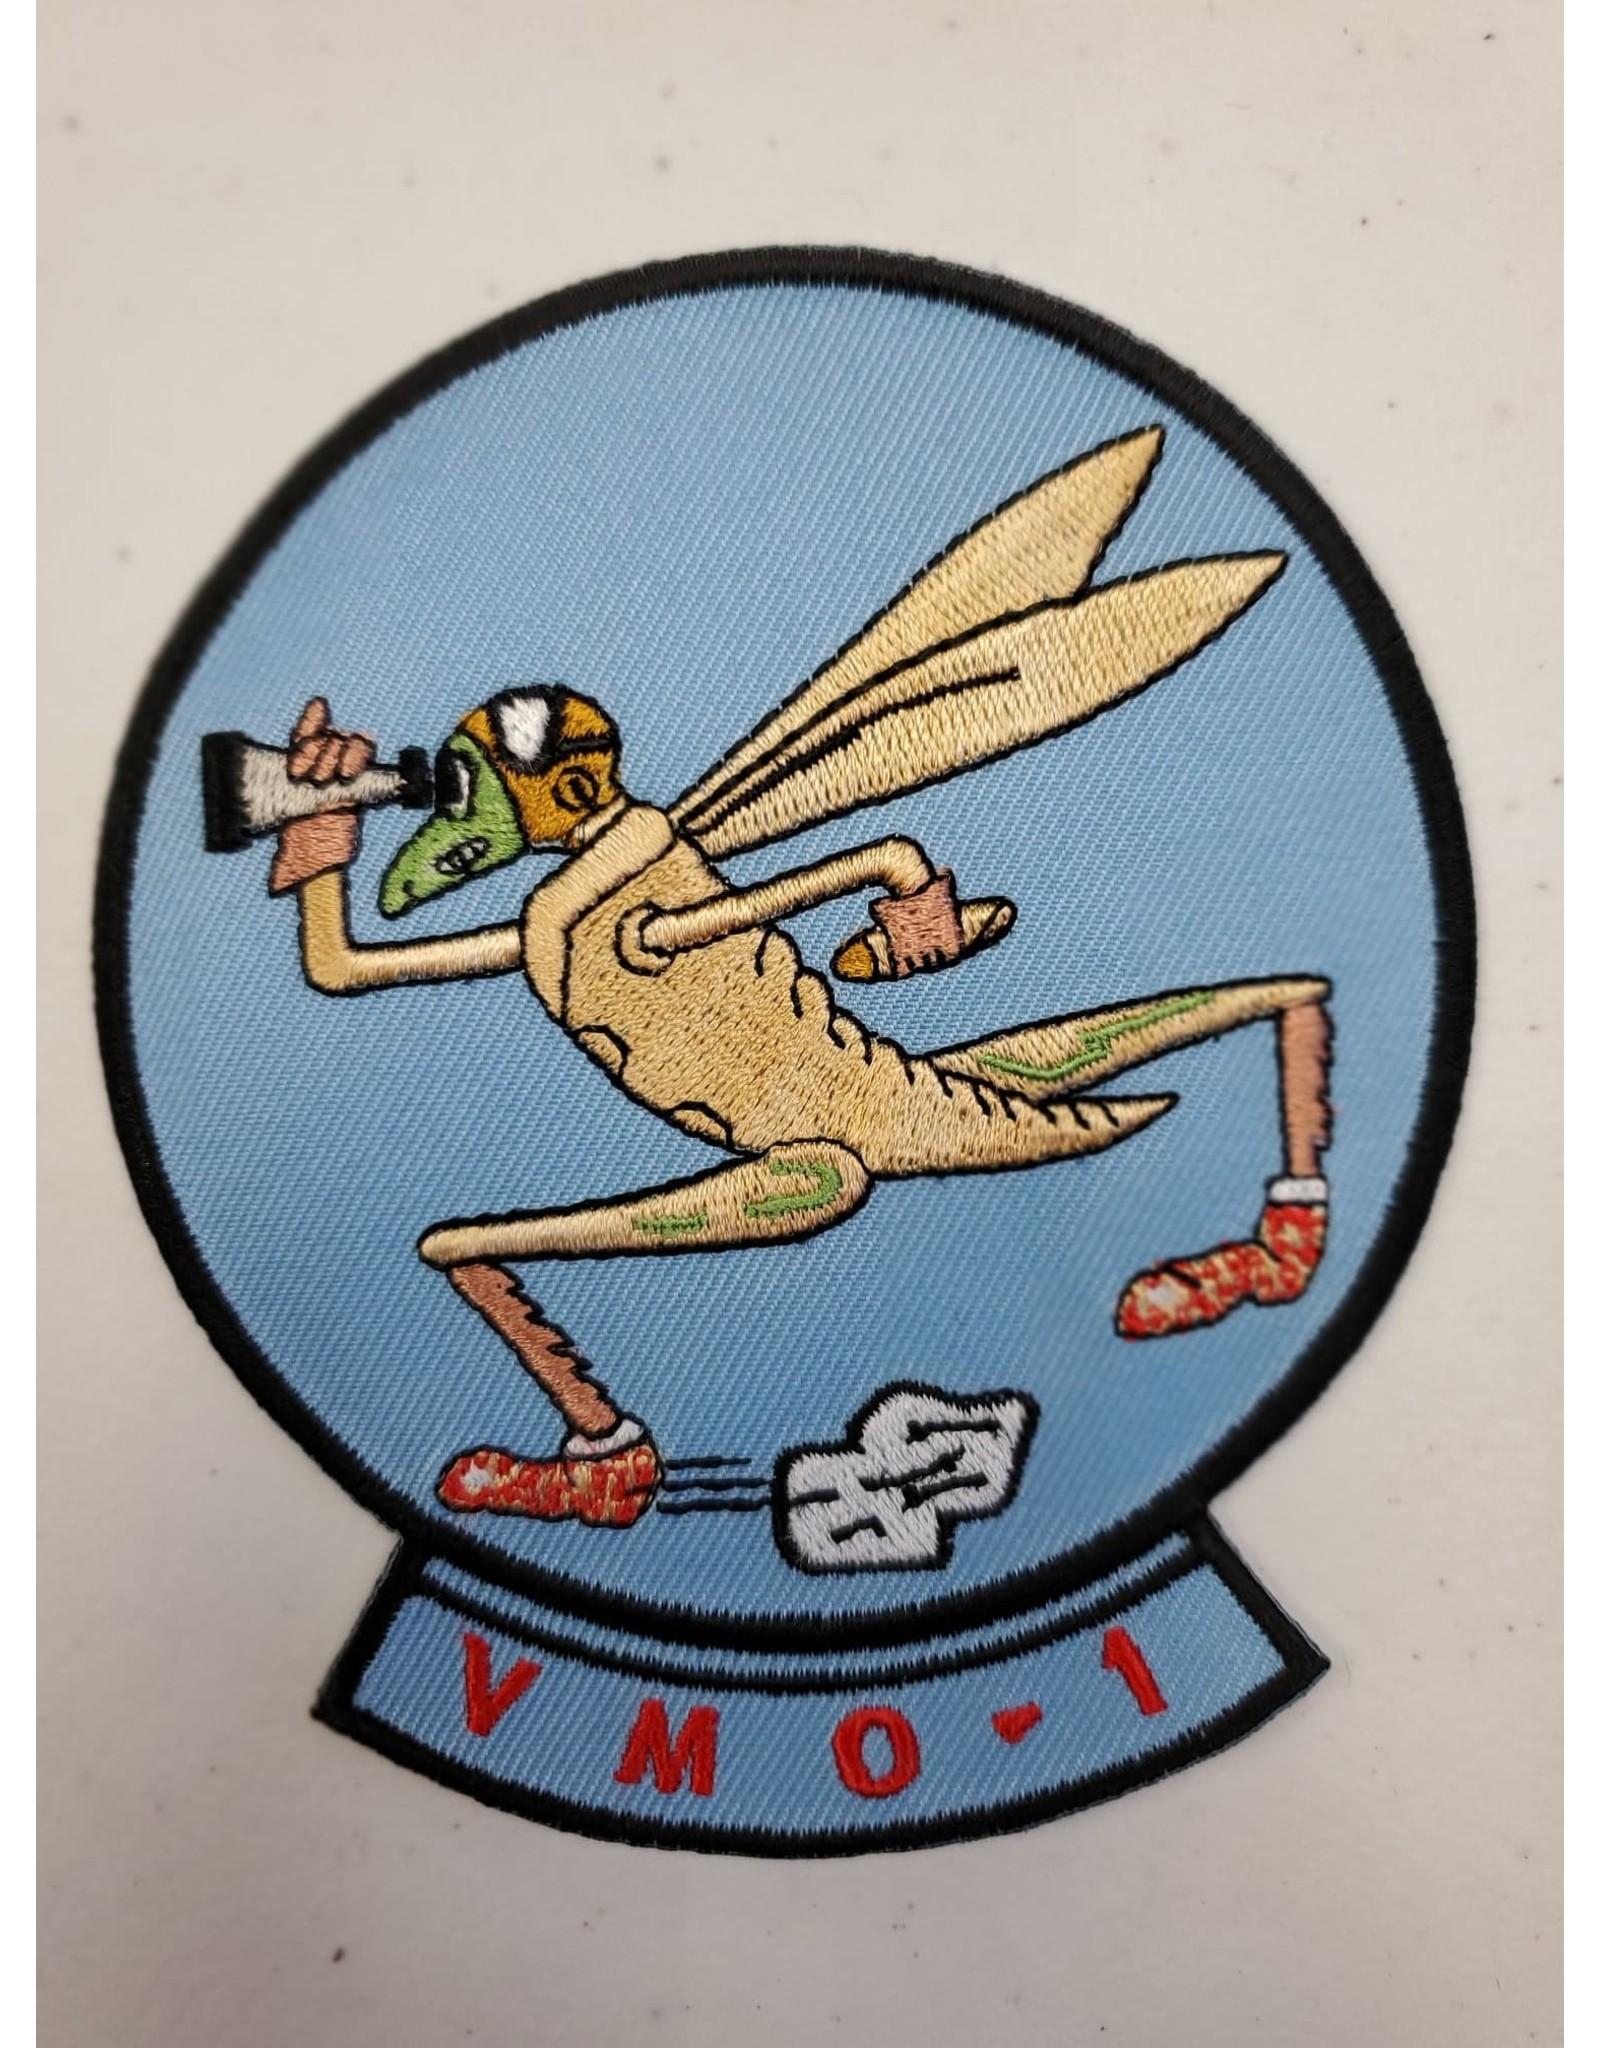 VMO-1 Cricket Patch